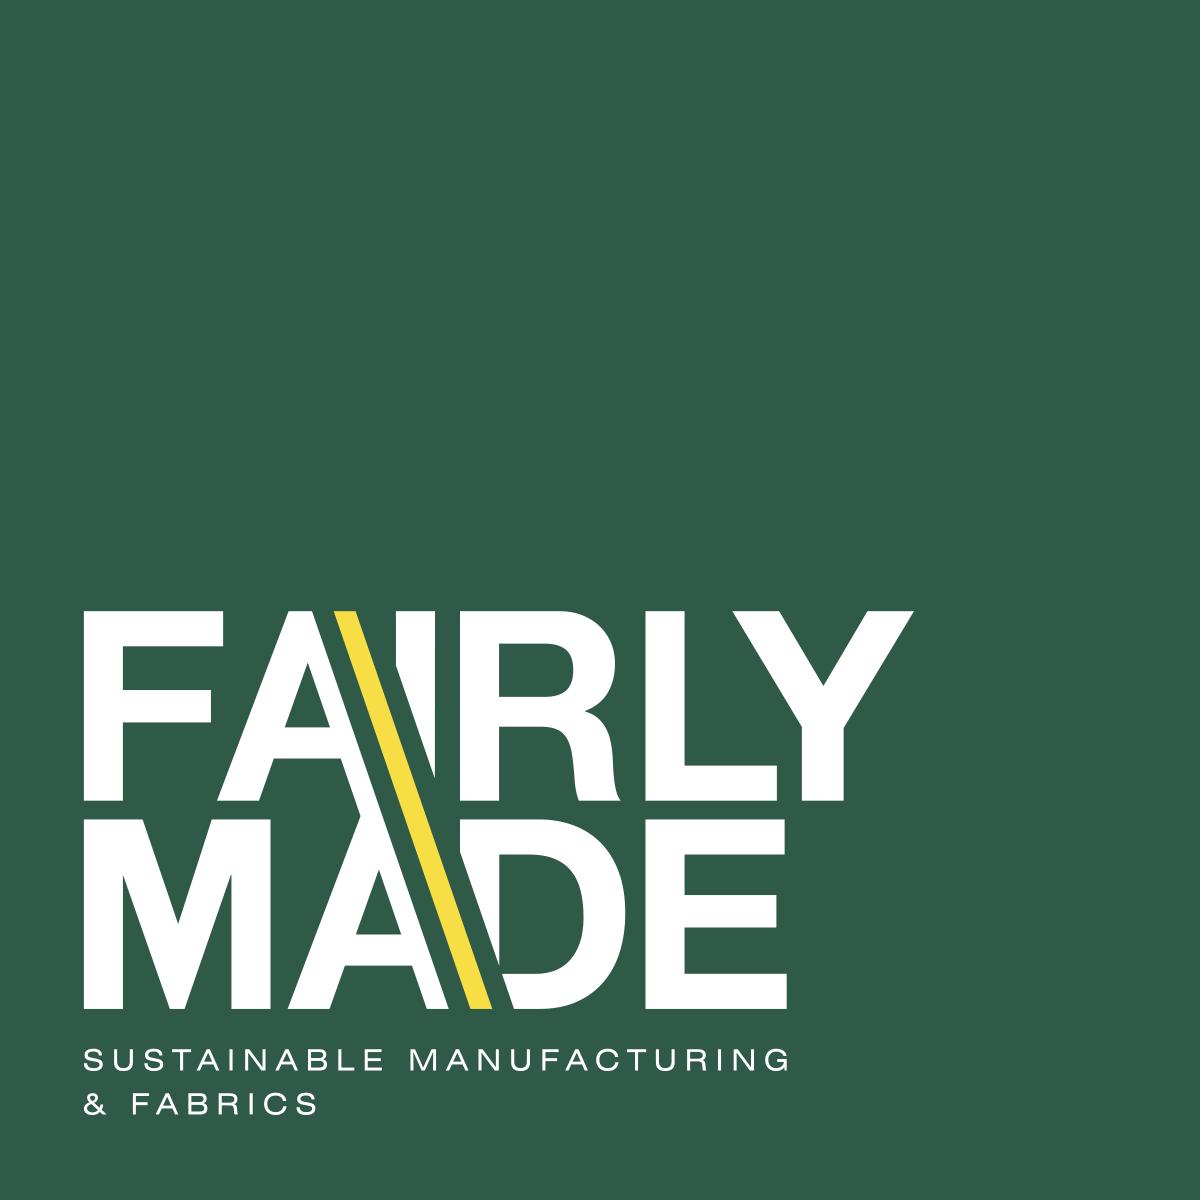 fairly made logo